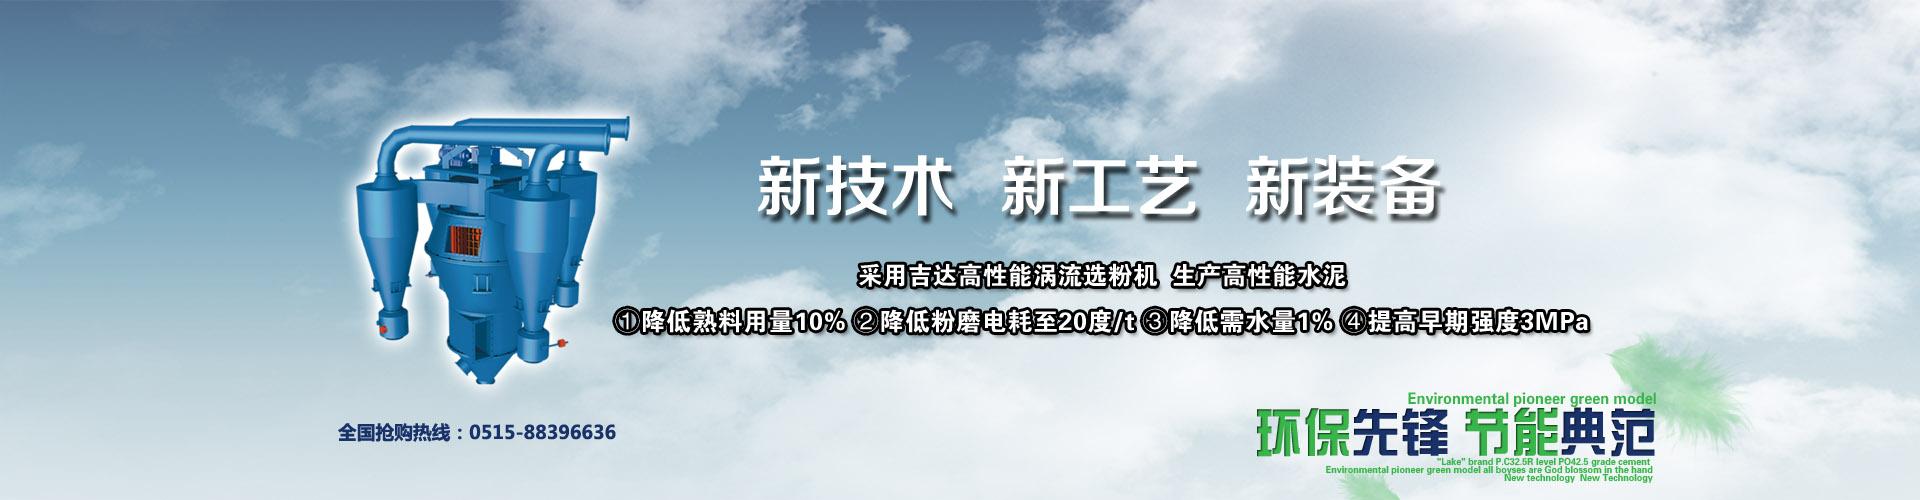 万博电脑版_万博官网网页版本登陆_万博max官网手机登陆